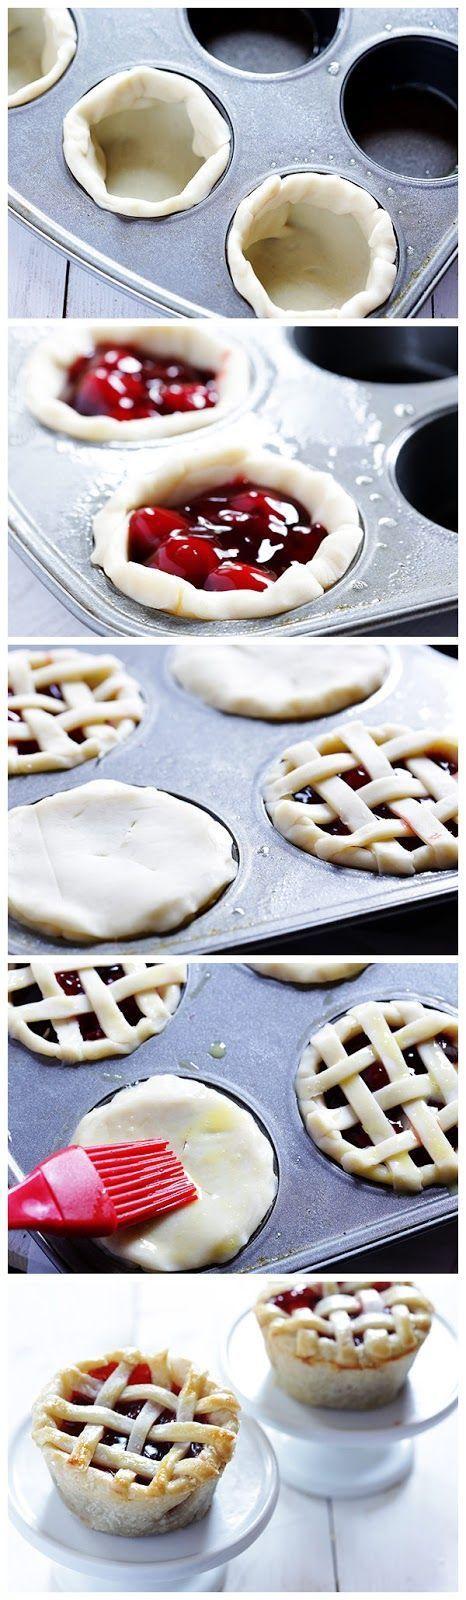 16 deliciosas cosas que puedes cocinar en un molde para muffins recetas postres pinterest - Cosas para cocinar ...